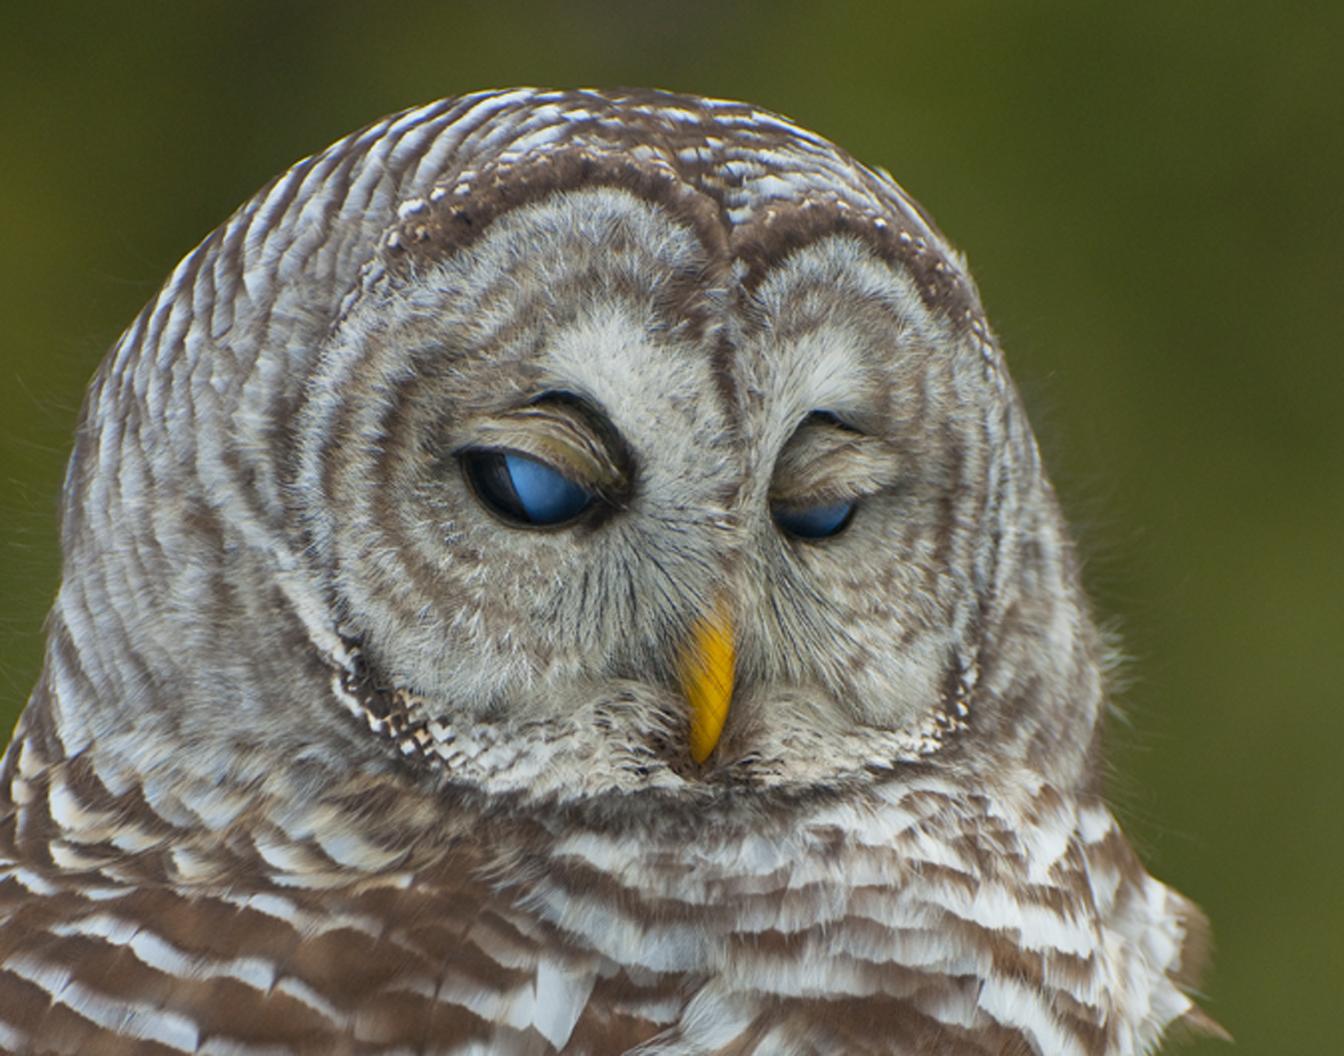 историю фото сонной совы самом деле, раскармливая